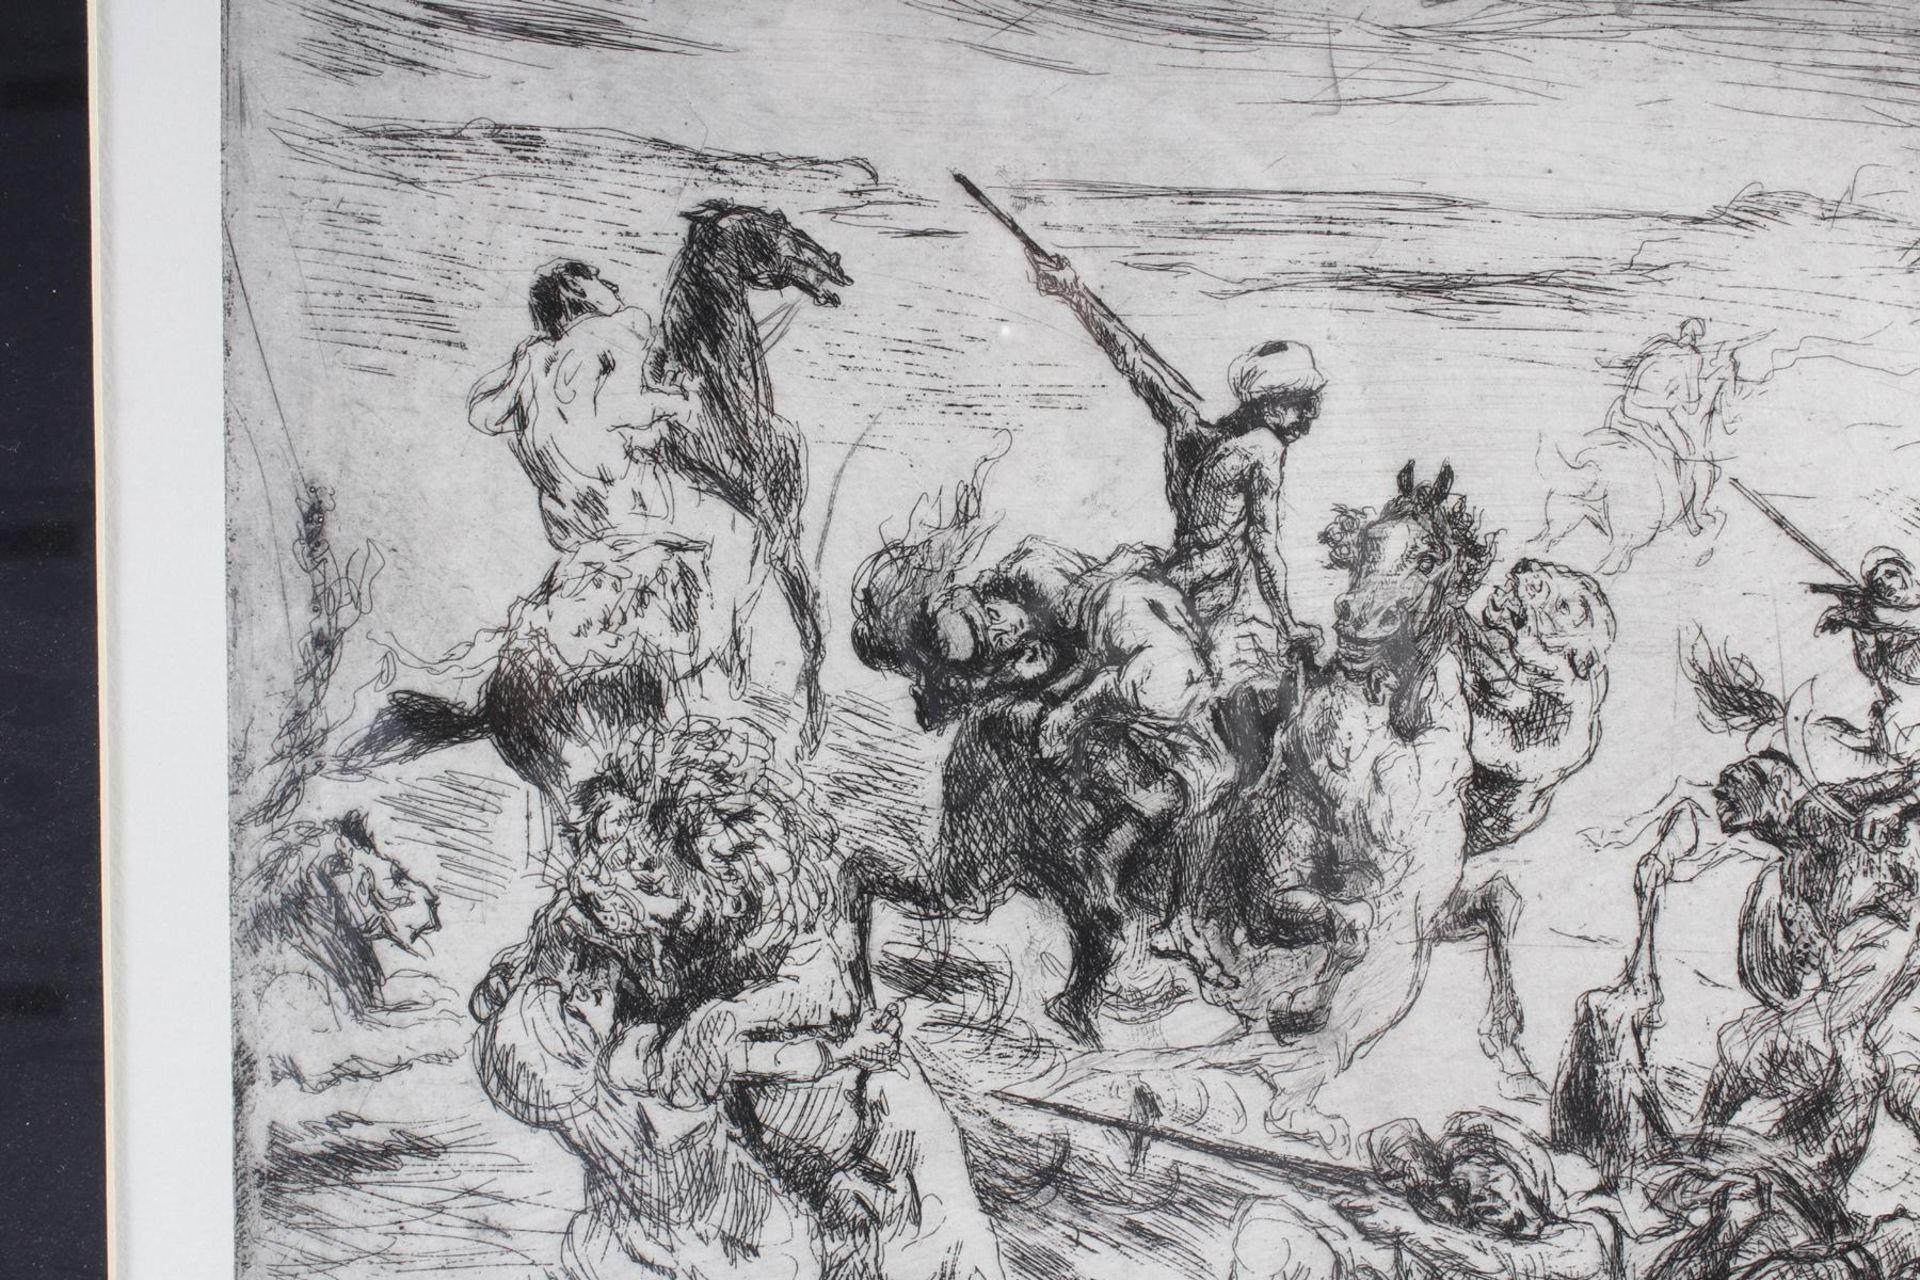 Max Slevogt (1868-1932), Löwenjagd - Bild 5 aus 7